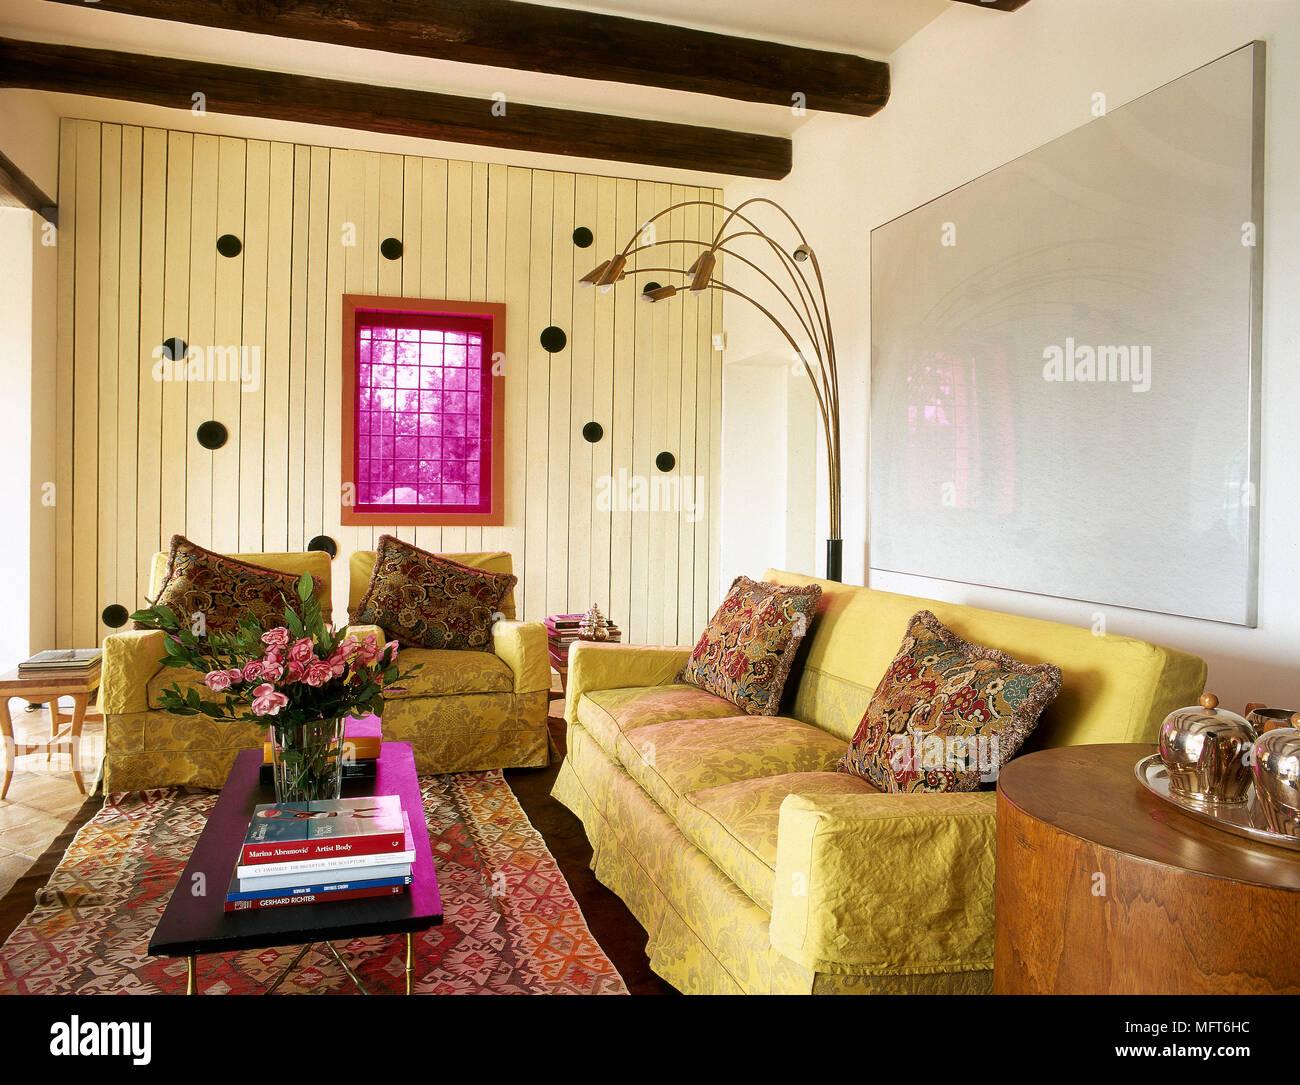 Eklektische Wohnzimmer Mit Holzbalkendecke Gelb Gepolsterten Sofas Couchtisch Und Modernen Kunstwerken Und Beleuchtung Stockfotografie Alamy